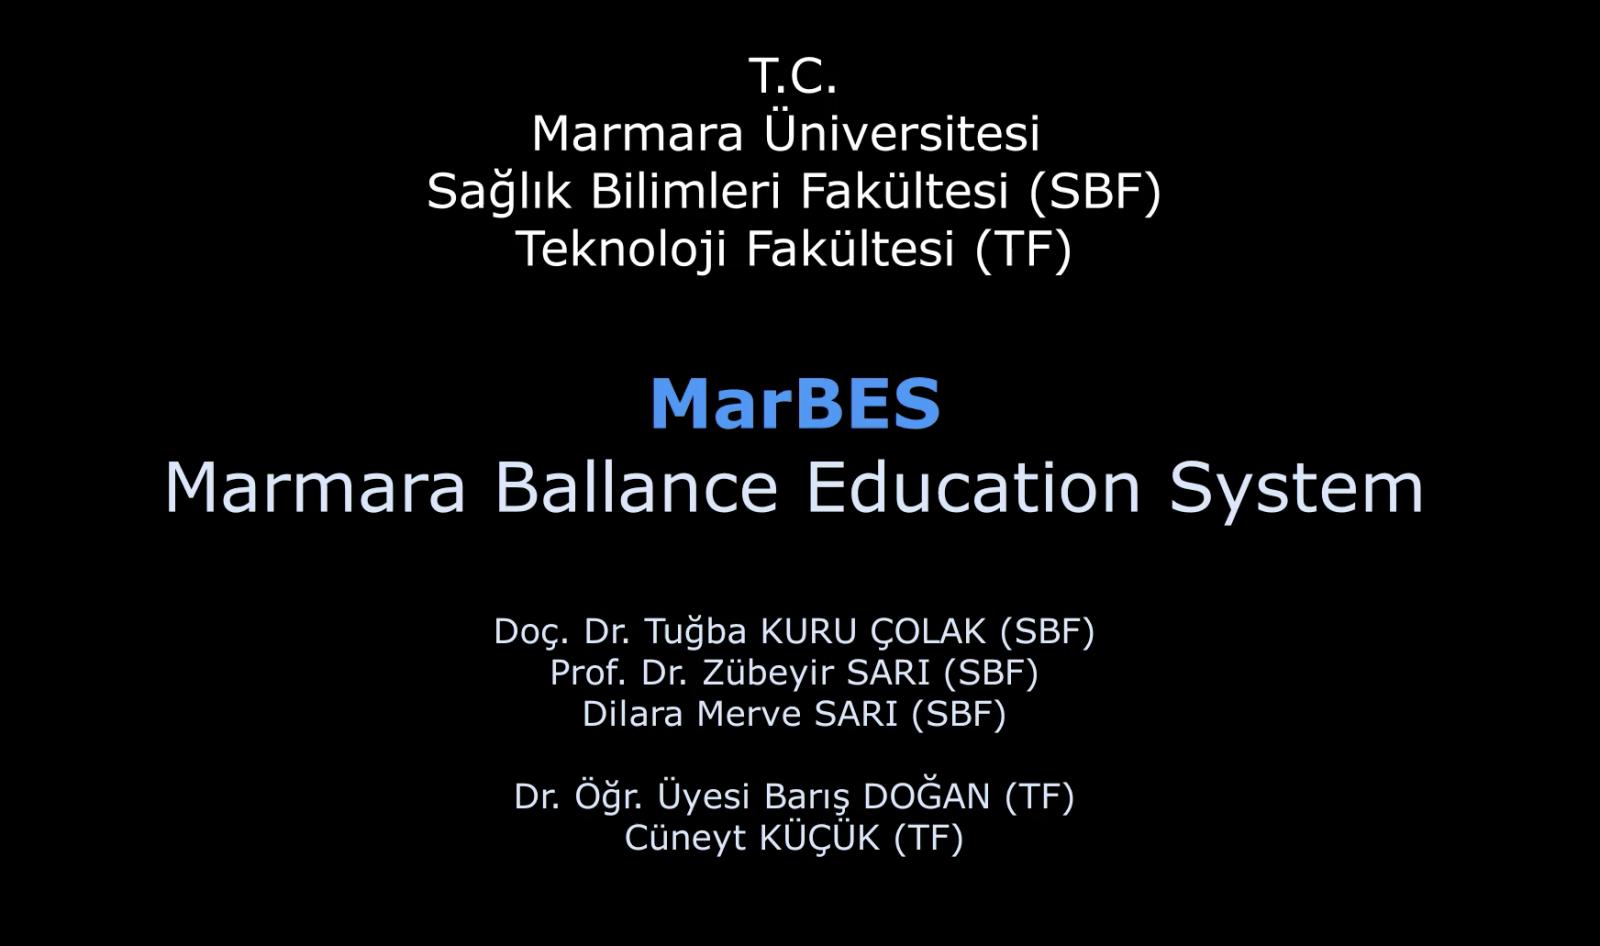 Marmara Üniversitesi Öğretim Üyeleri Denge ve Koordinasyon Eğitim Cihazı Geliştirdi